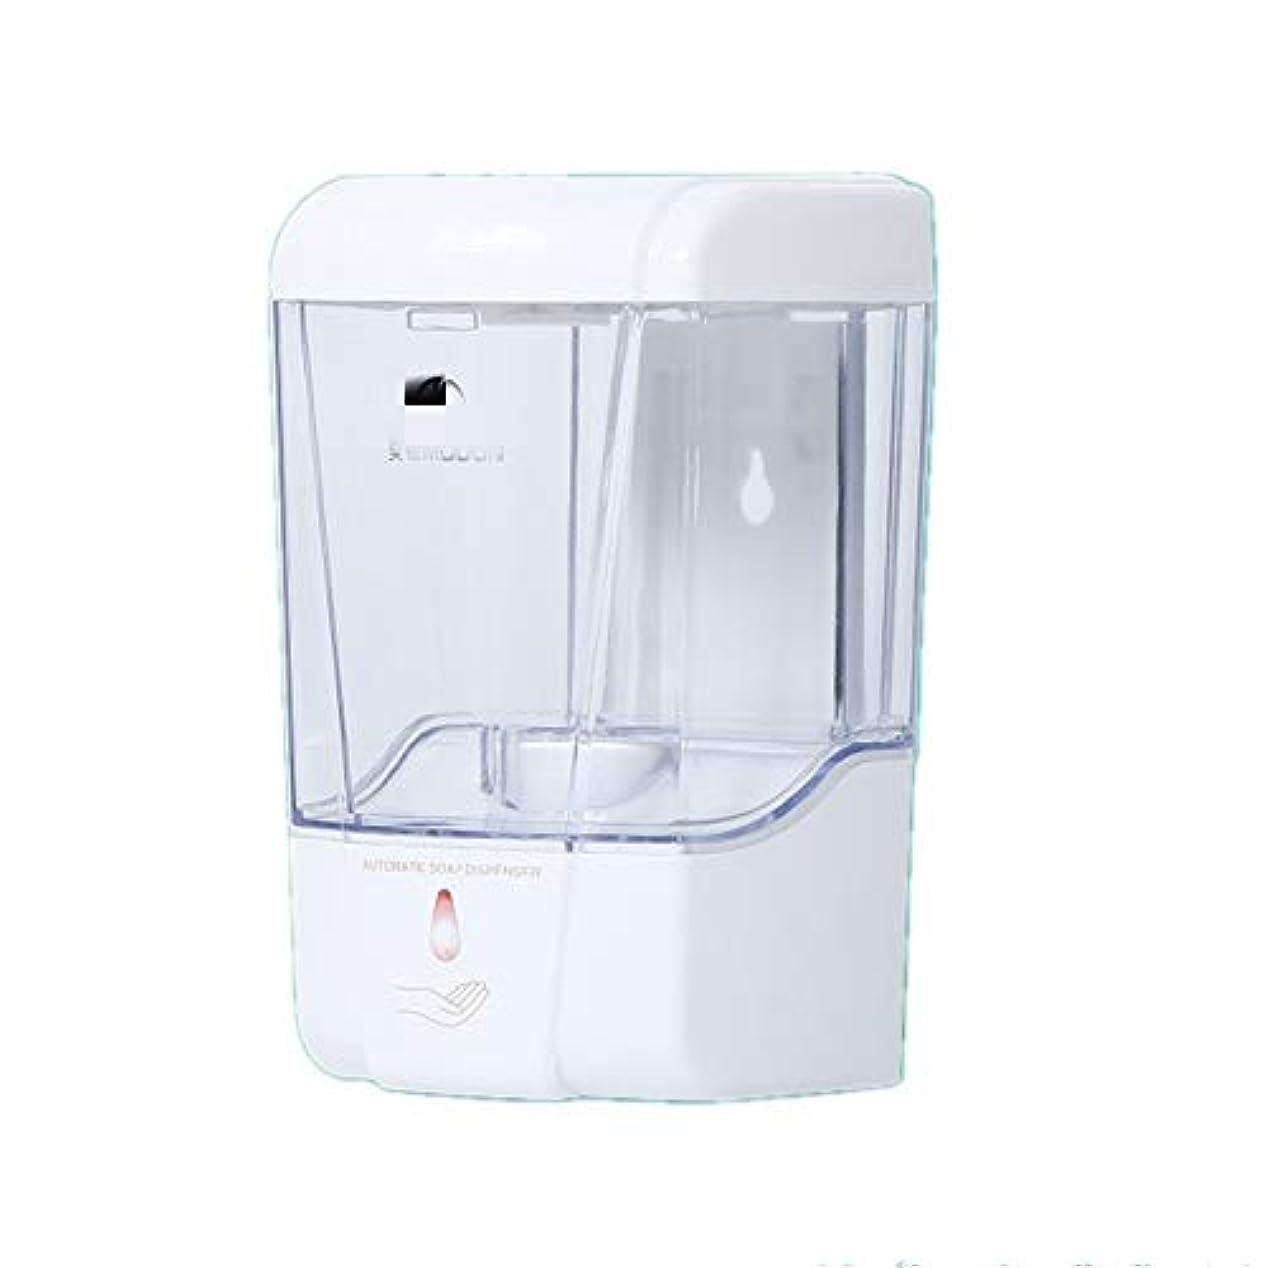 損失ヨーグルト具体的にソープディスペンサー 600mlの容量自動ソープディスペンサー非接触キッチンバスルームソープディスペンサー ハンドソープ 食器用洗剤 キッチン 洗面所などに適用 (Color : White, Size : One size)